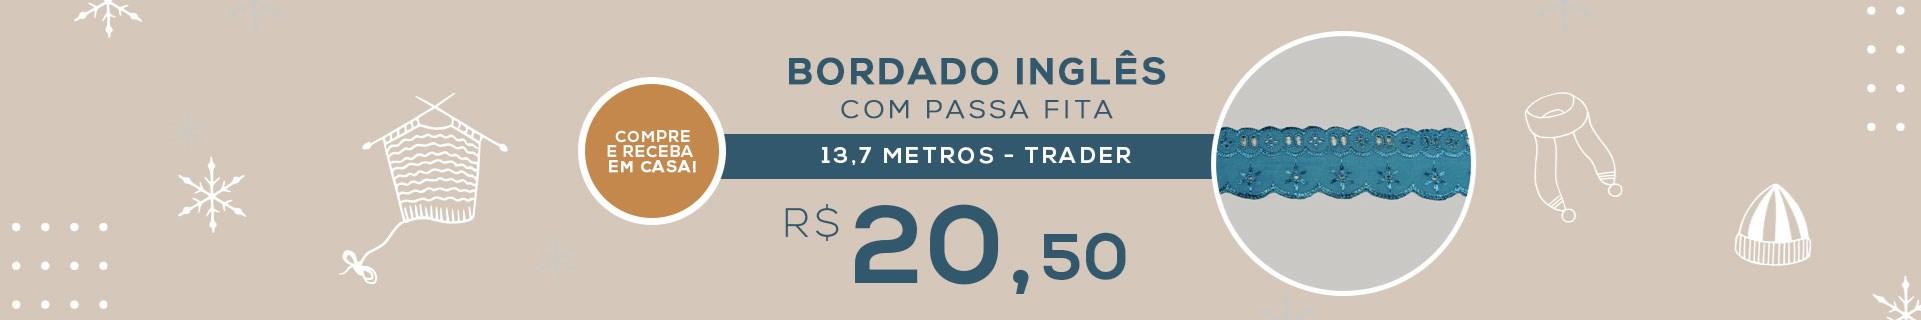 BORDADO INGLÊS COM PASSA FITA - 652222 - 13,7 METROS - TRADER